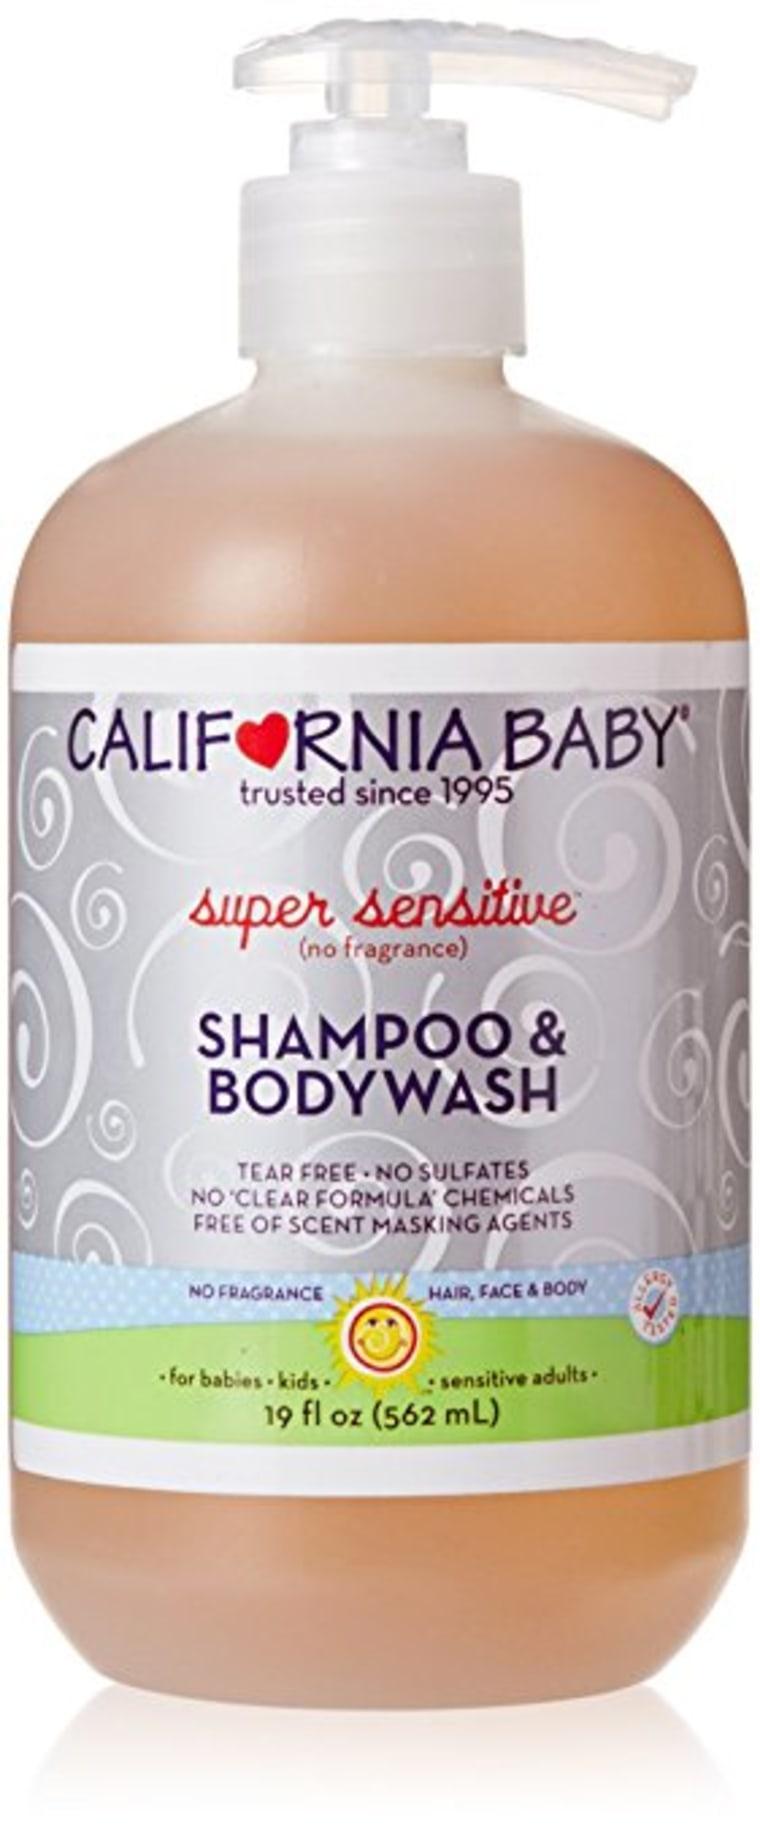 California Baby Shampoo